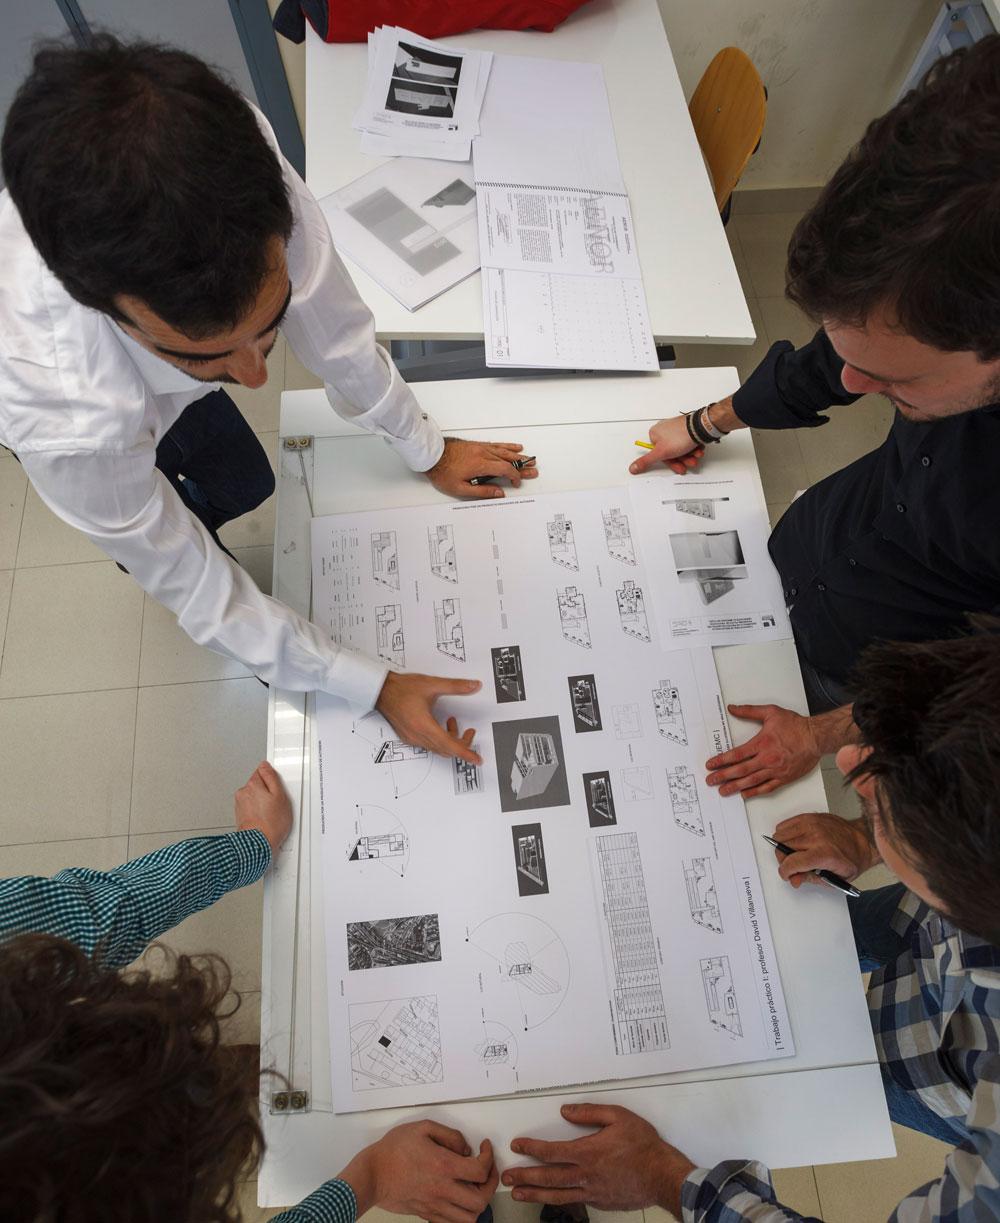 Arquitectura t cnica for Arquitectura tecnica ull